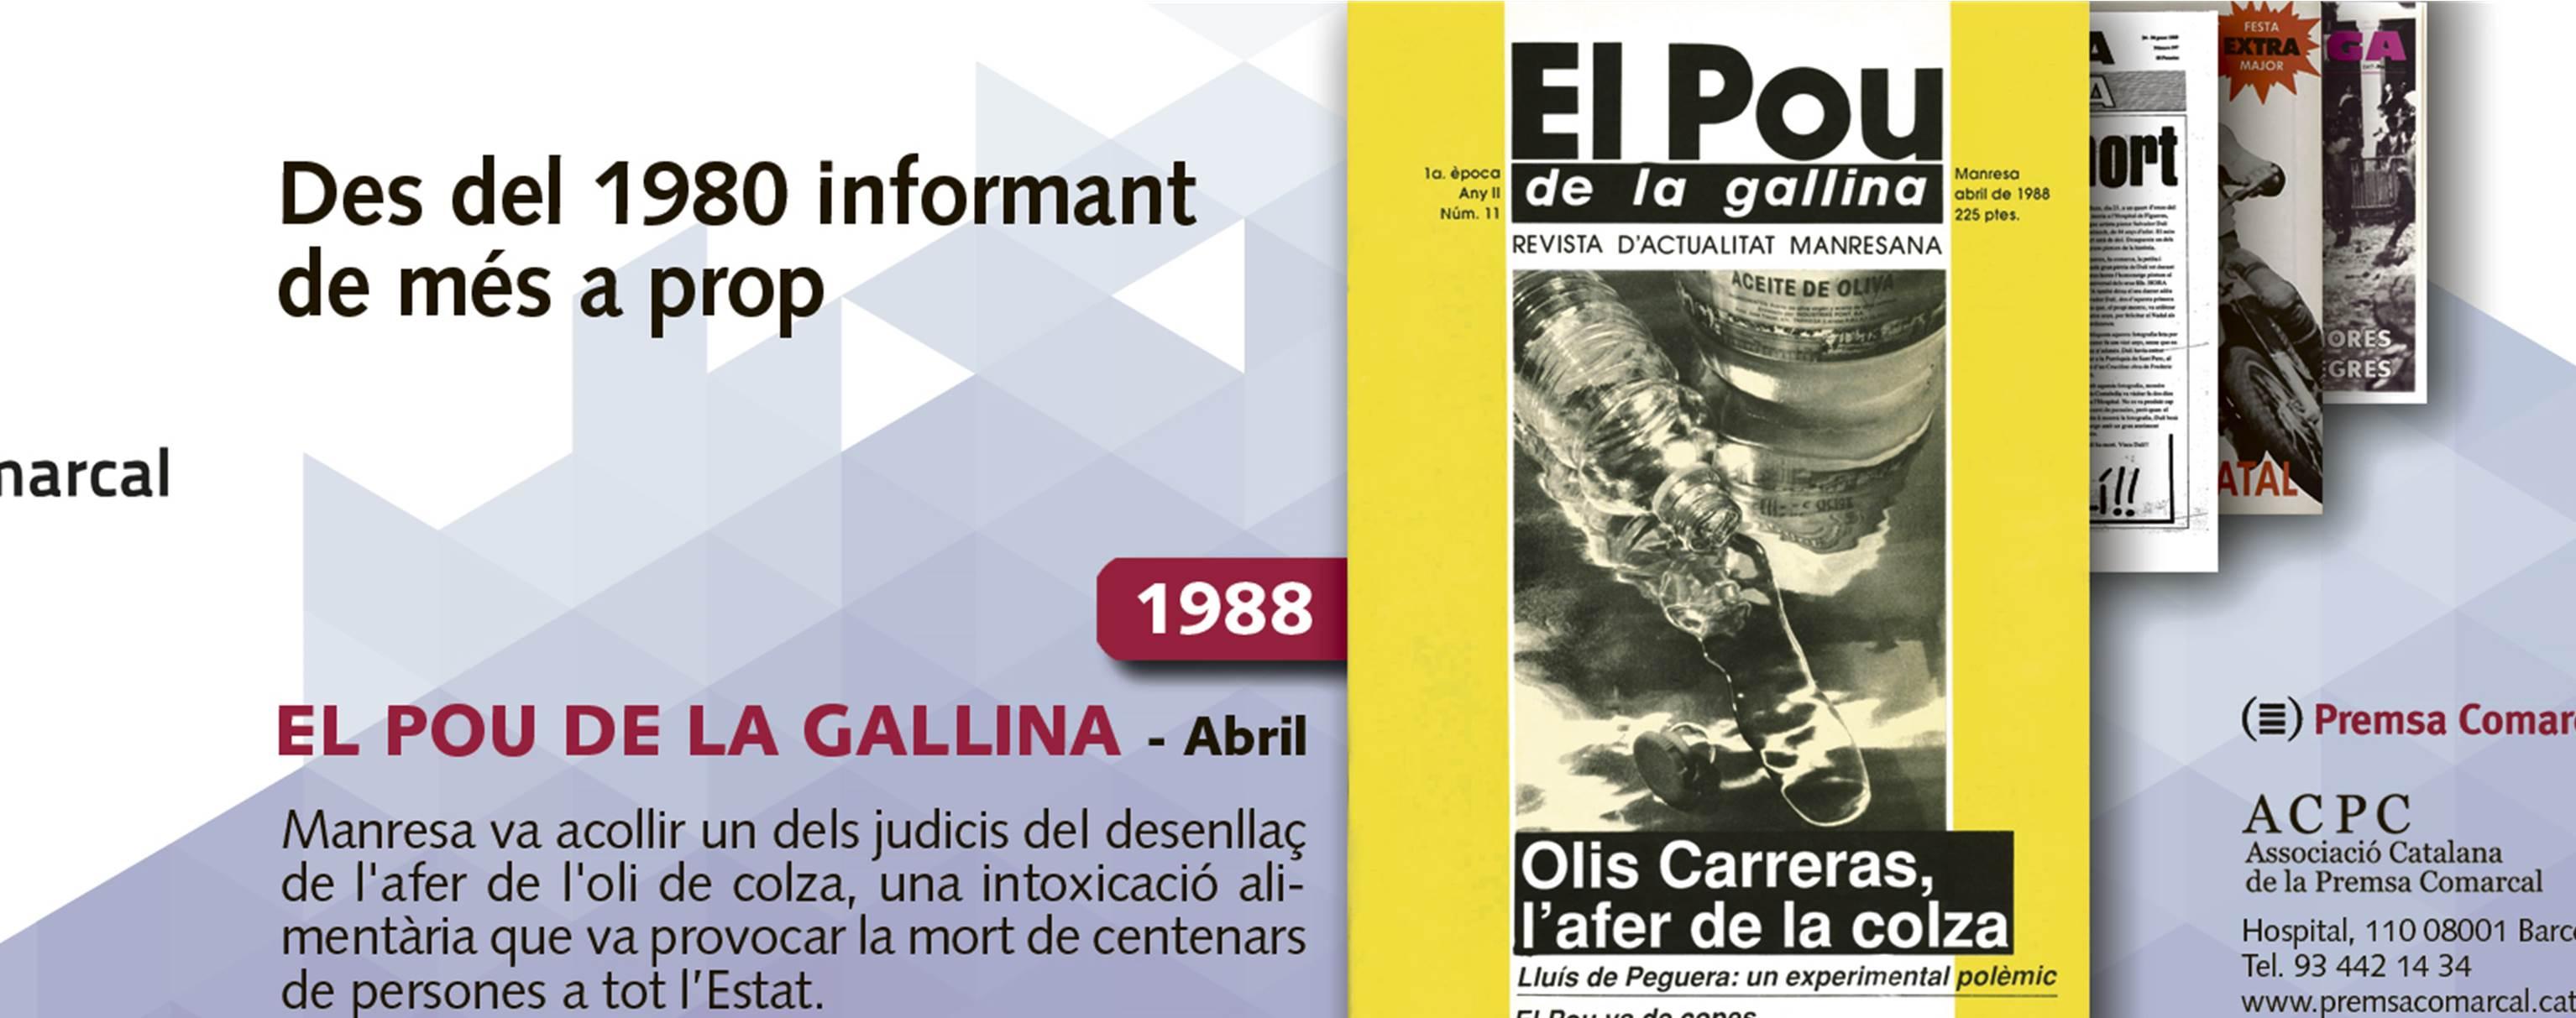 L'afer de la colza l'any 1988 a 'El Pou de la Gallina' en la campanya de l'ACPC